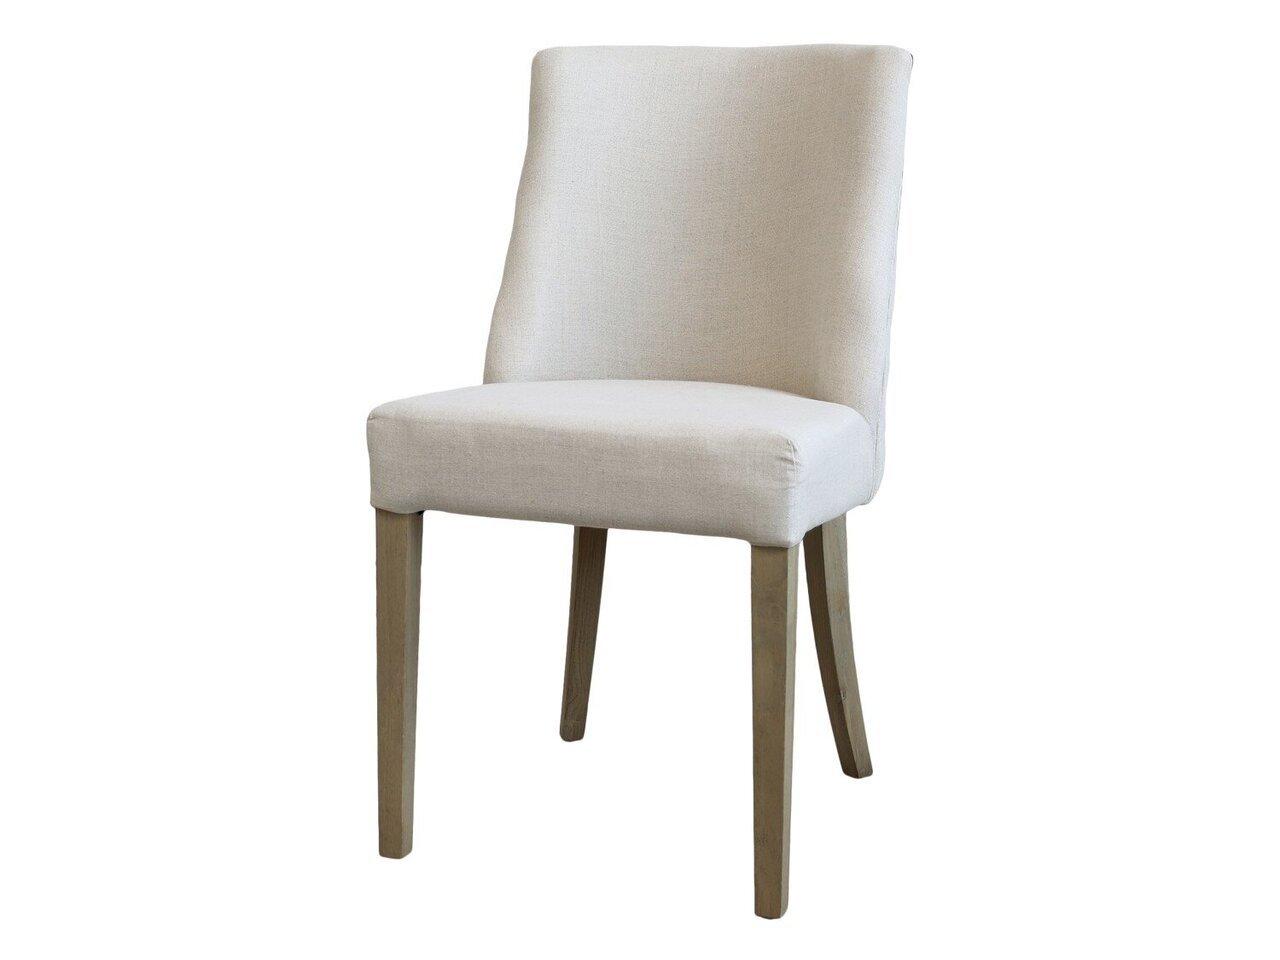 Chic Antique Stuhl aus Leinenstoff